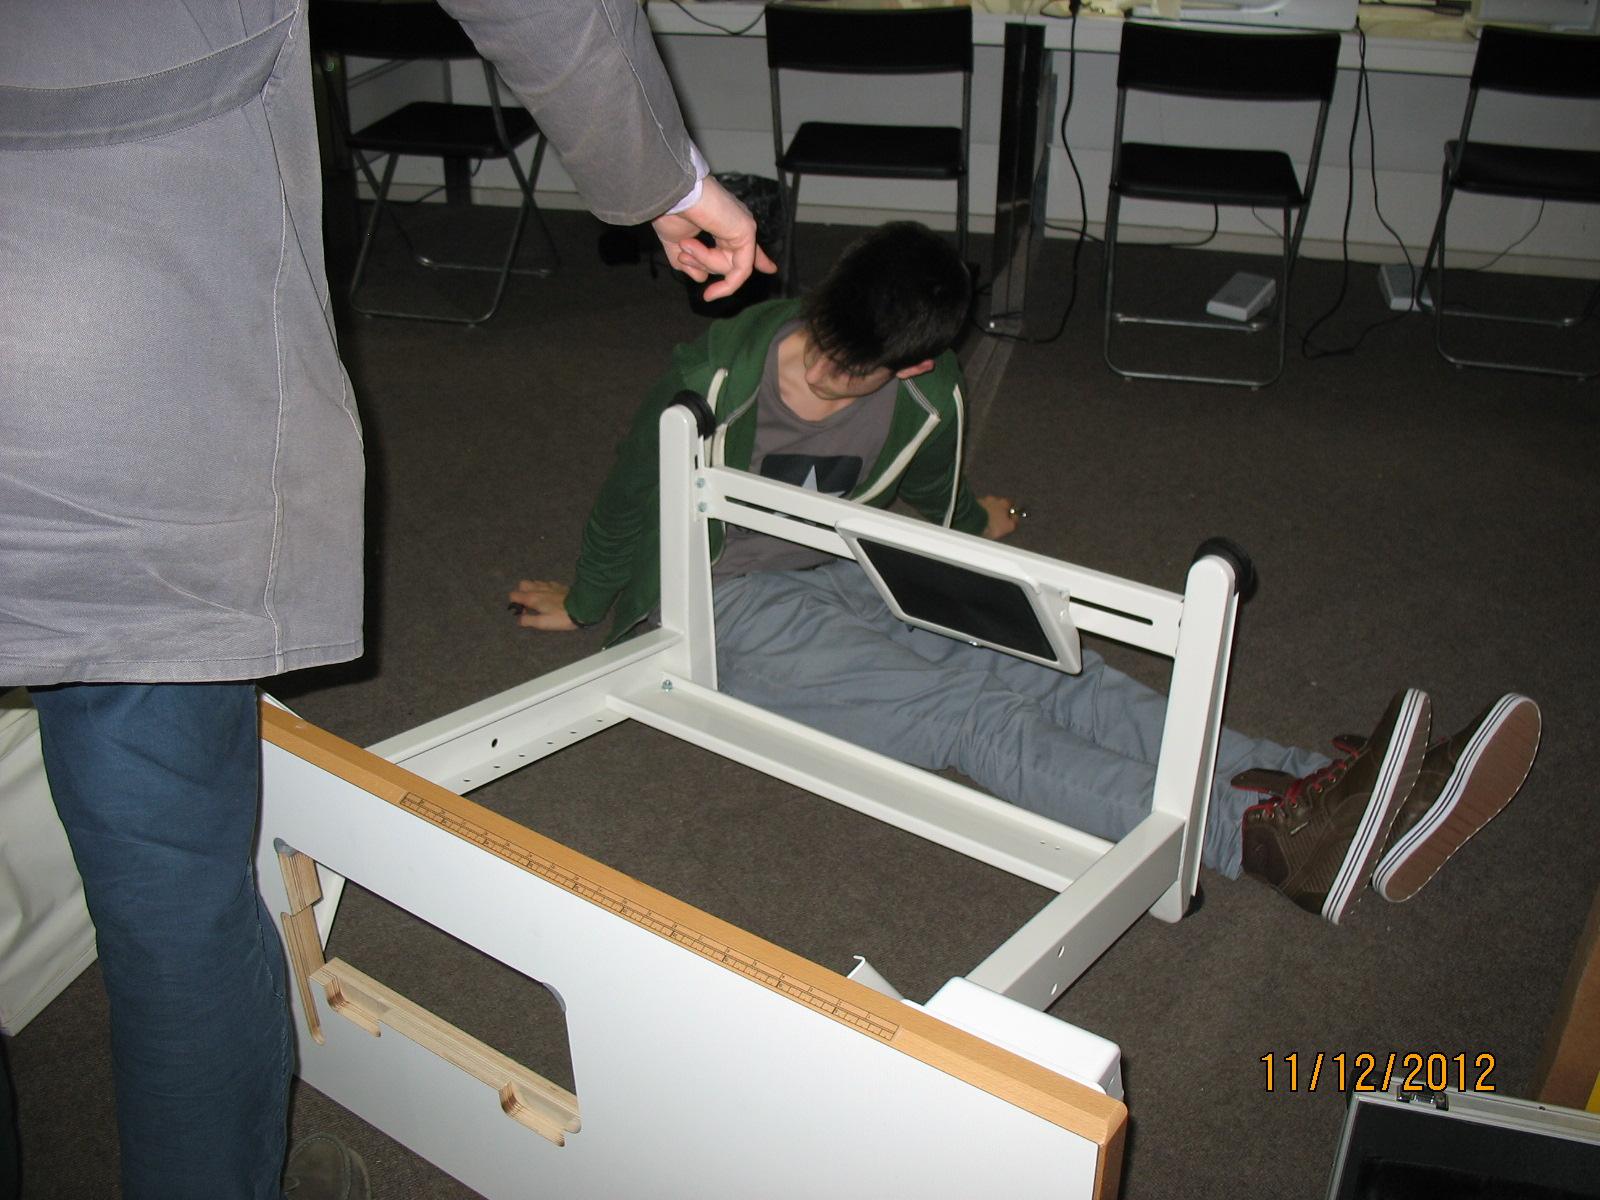 partnerinformation bernina industrial 950 hobbyschneiderin 24 forum. Black Bedroom Furniture Sets. Home Design Ideas